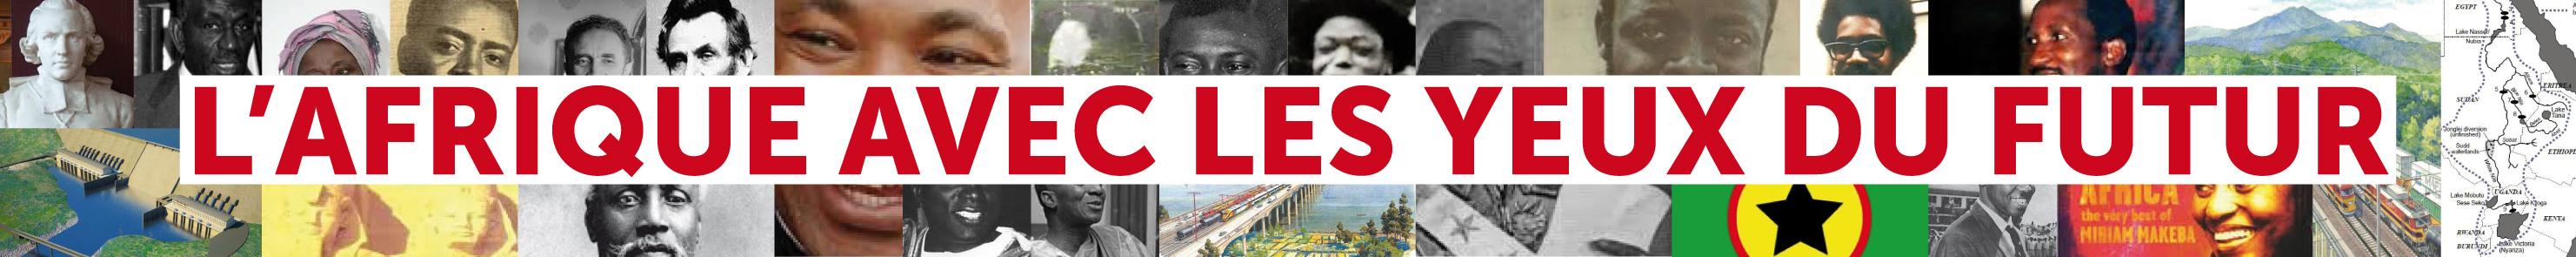 L'AFRIQUE AVEC LES YEUX DU FUTUR le blog de Sébastien Périmony